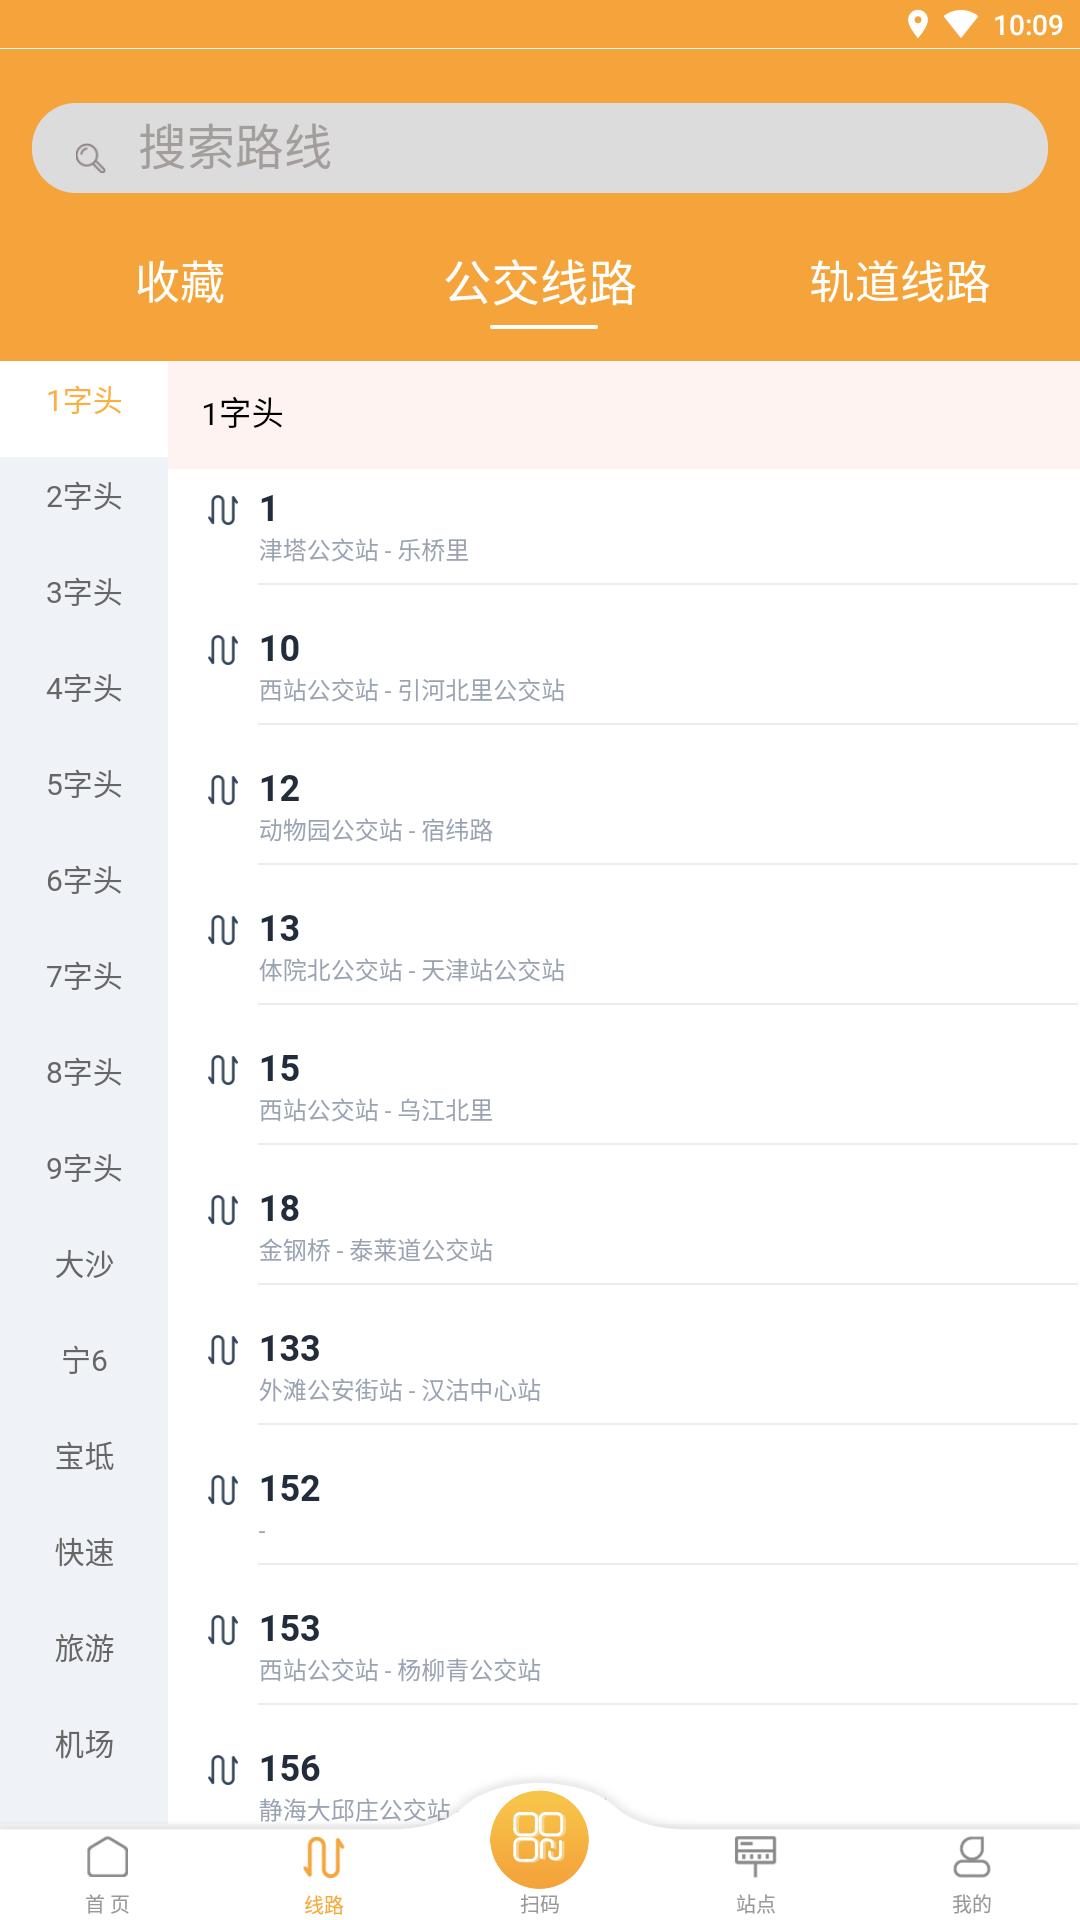 天津公交 V1.4.5 安卓版截图2